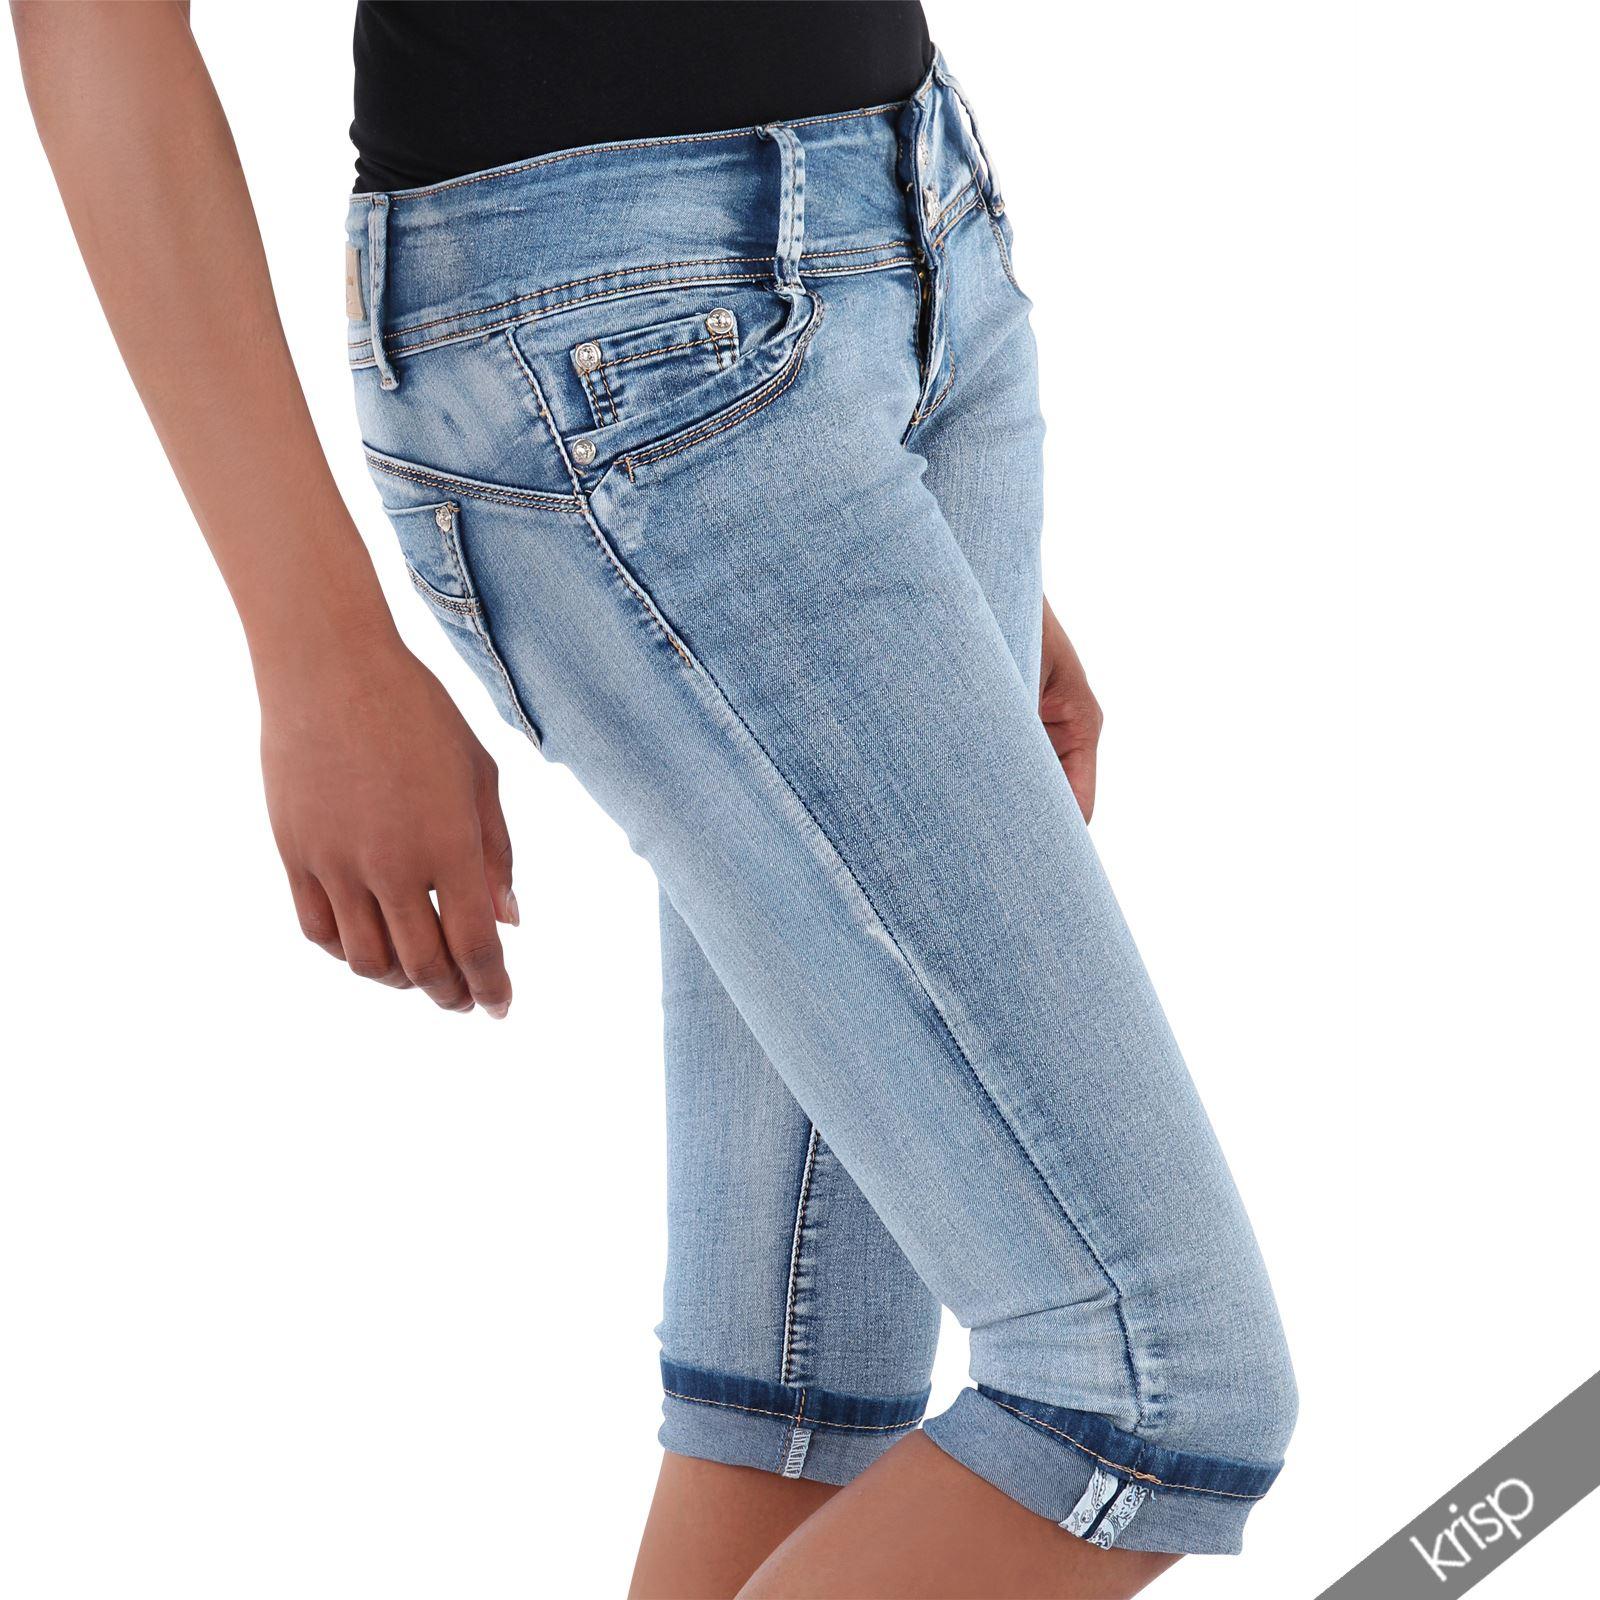 damen knielange slim jeans caprihose shorts hot pants skinny stretch jeggings ebay. Black Bedroom Furniture Sets. Home Design Ideas